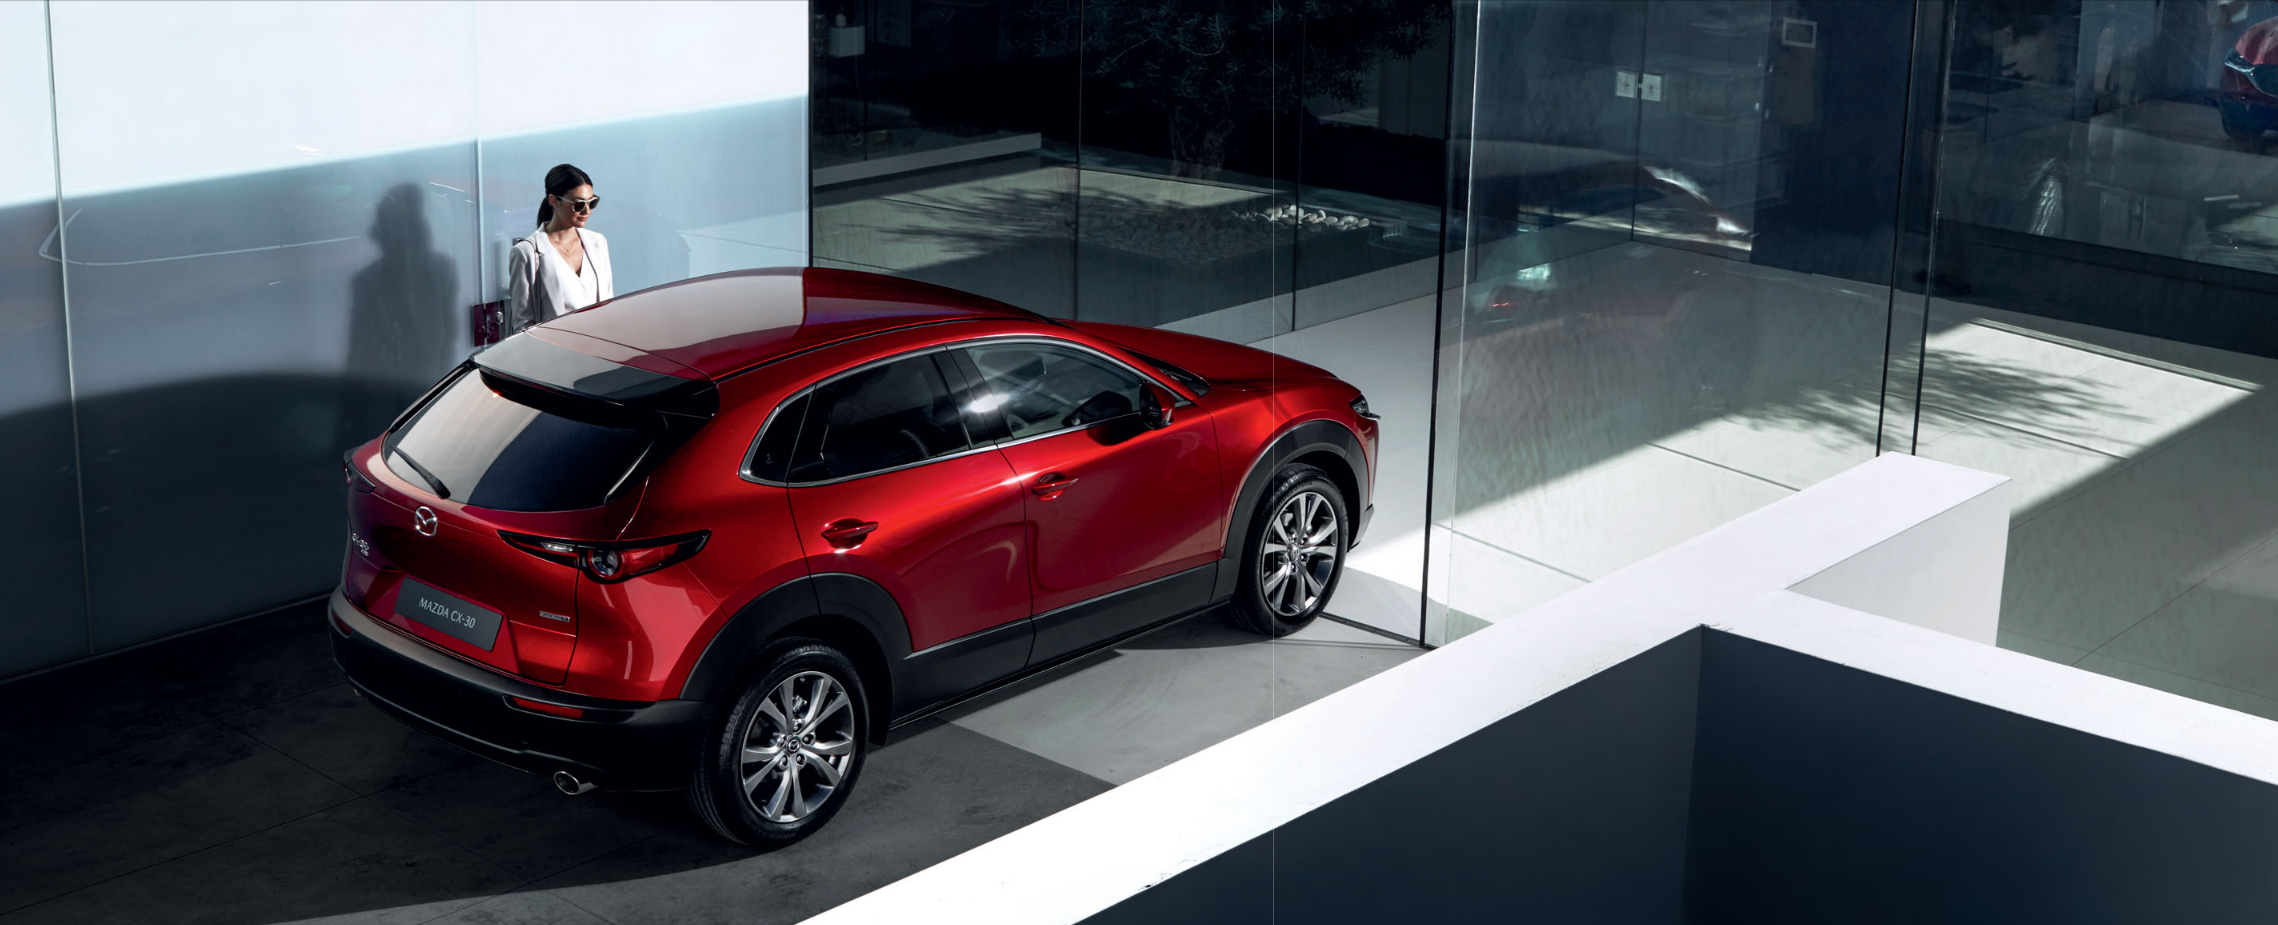 Mazda CX-30 bei Auto Stahl Detail der Modellabbildung in schräger Heckansicht in moderner Umgebung, Modellfarbe rot